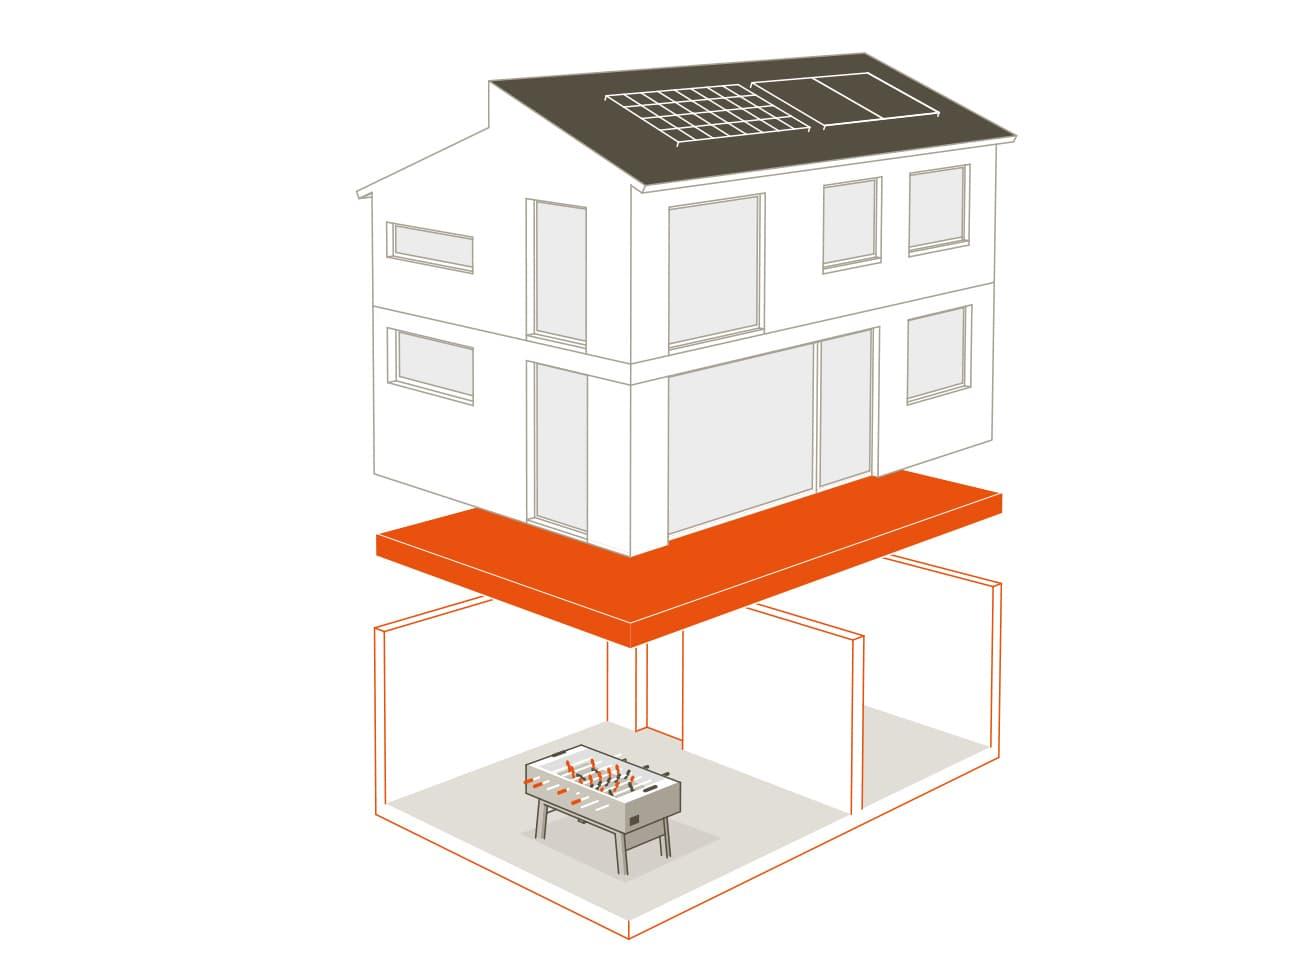 Ihr Traumhaus braucht eine gute Basis. Deshalb wird bei uns eine hochwertige Fundamentplatte eingesetzt, bei der alle notwendigen Installationen von uns schon berücksichtigt werden